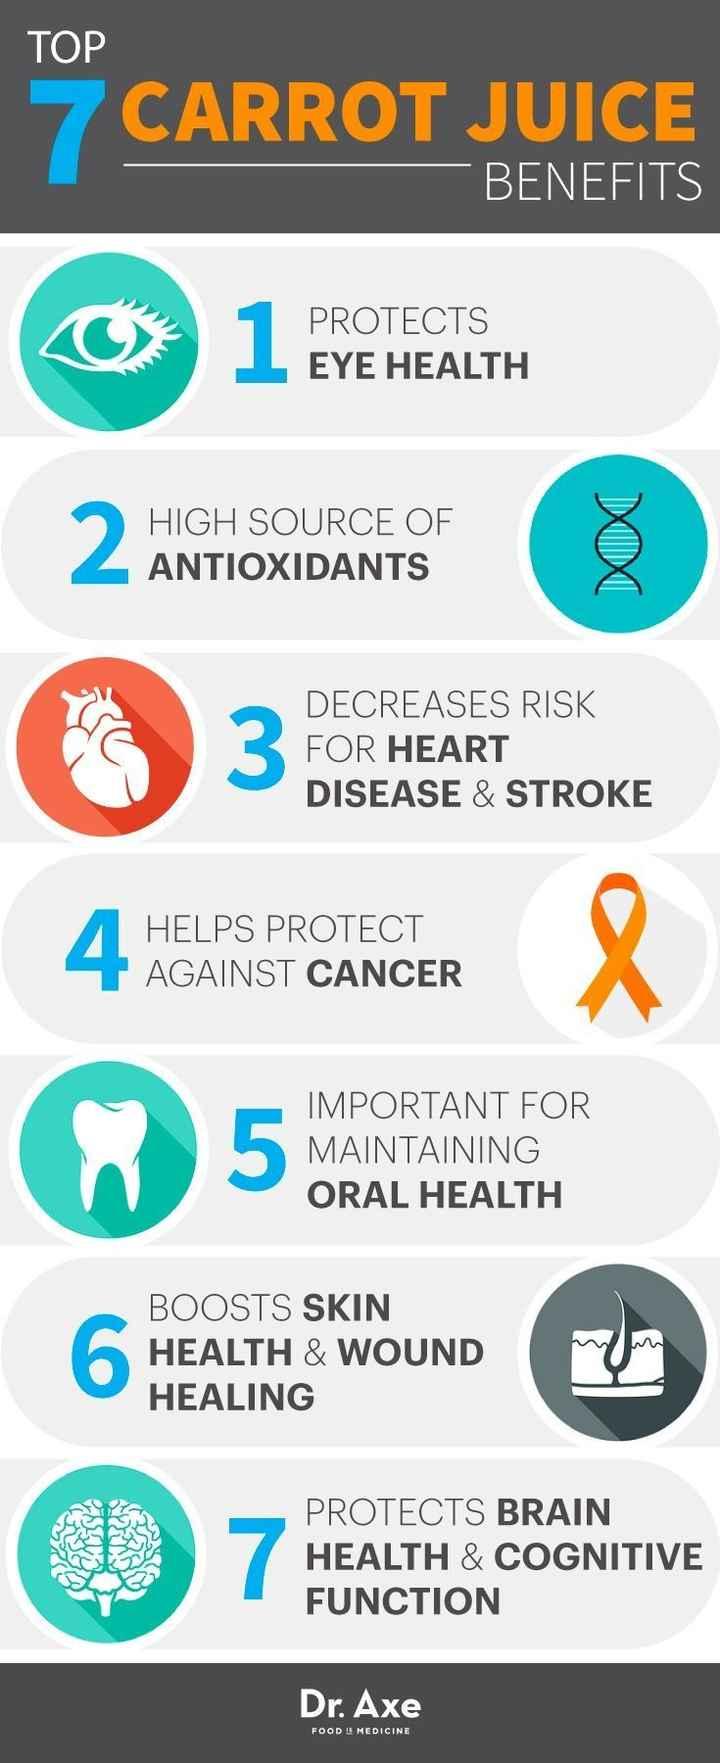 ஜூஸ் தினம் - TOP 10° CARROT JUICE BENEFITS O 1 PROTECTS PROTECTS EYE HEALTH HIGH SOURCE OF ANTIOXIDANTS DECREASES RISK FOR HEART DISEASE & STROKE HELPS PROTECT AGAINST CANCER IMPORTANT FOR MAINTAINING ORAL HEALTH BOOSTS SKIN HEALTH & WOUND HEALING 0 7 HEALTHTS CASUANITIVE PROTECTS BRAIN HEALTH & COGNITIVE FUNCTION Dr . Axe FOODS MEDICINE - ShareChat